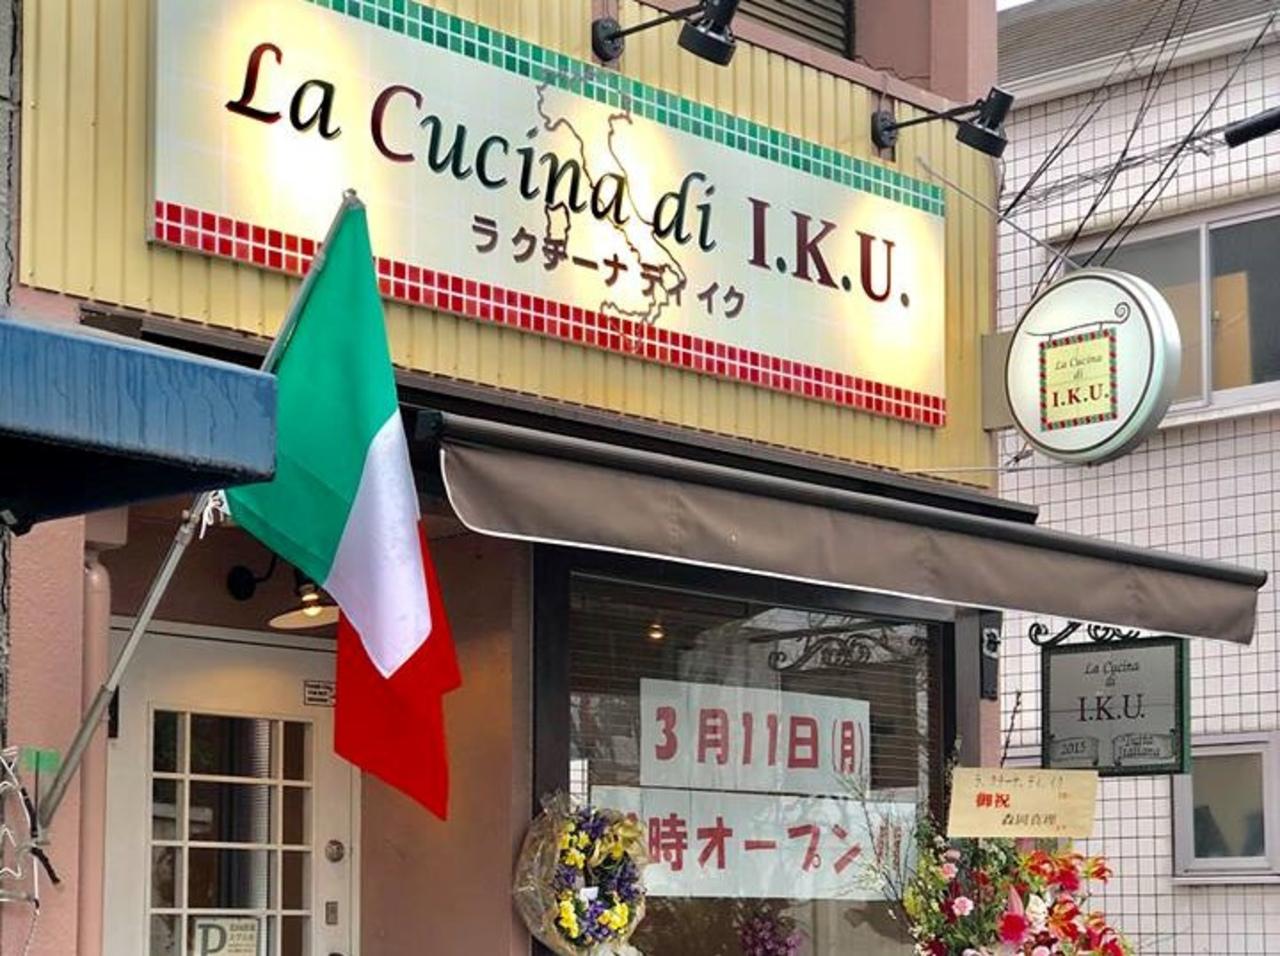 イタリア家庭料理とワインのお店...宇治市五ケ庄西浦に「ラ クチーナ ディ イク」本日移転オープン